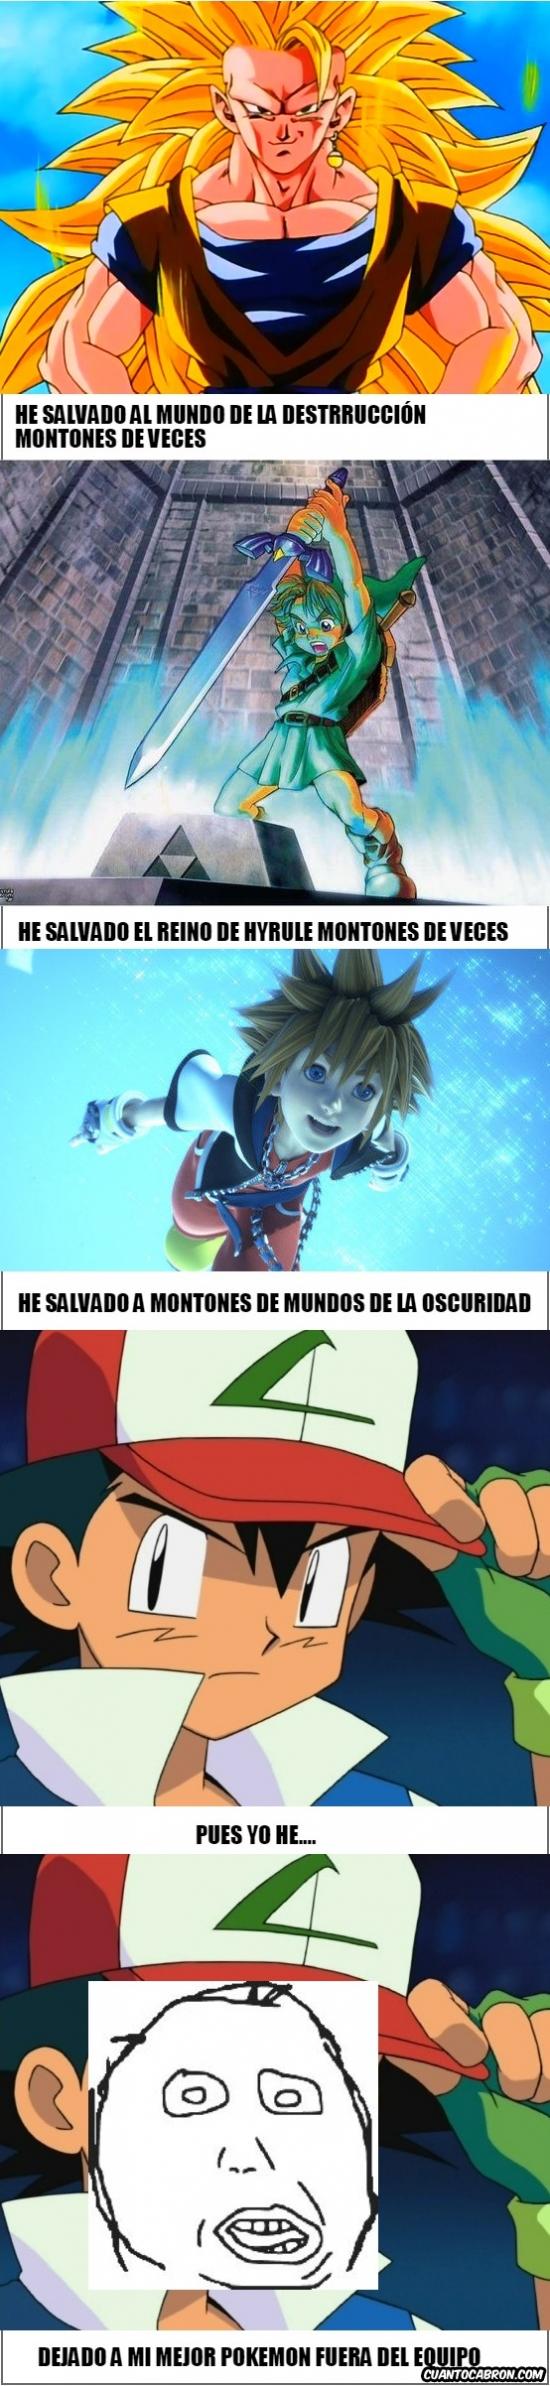 Retarded - Ash tiene mucho que envidiar a otros grandes héroes